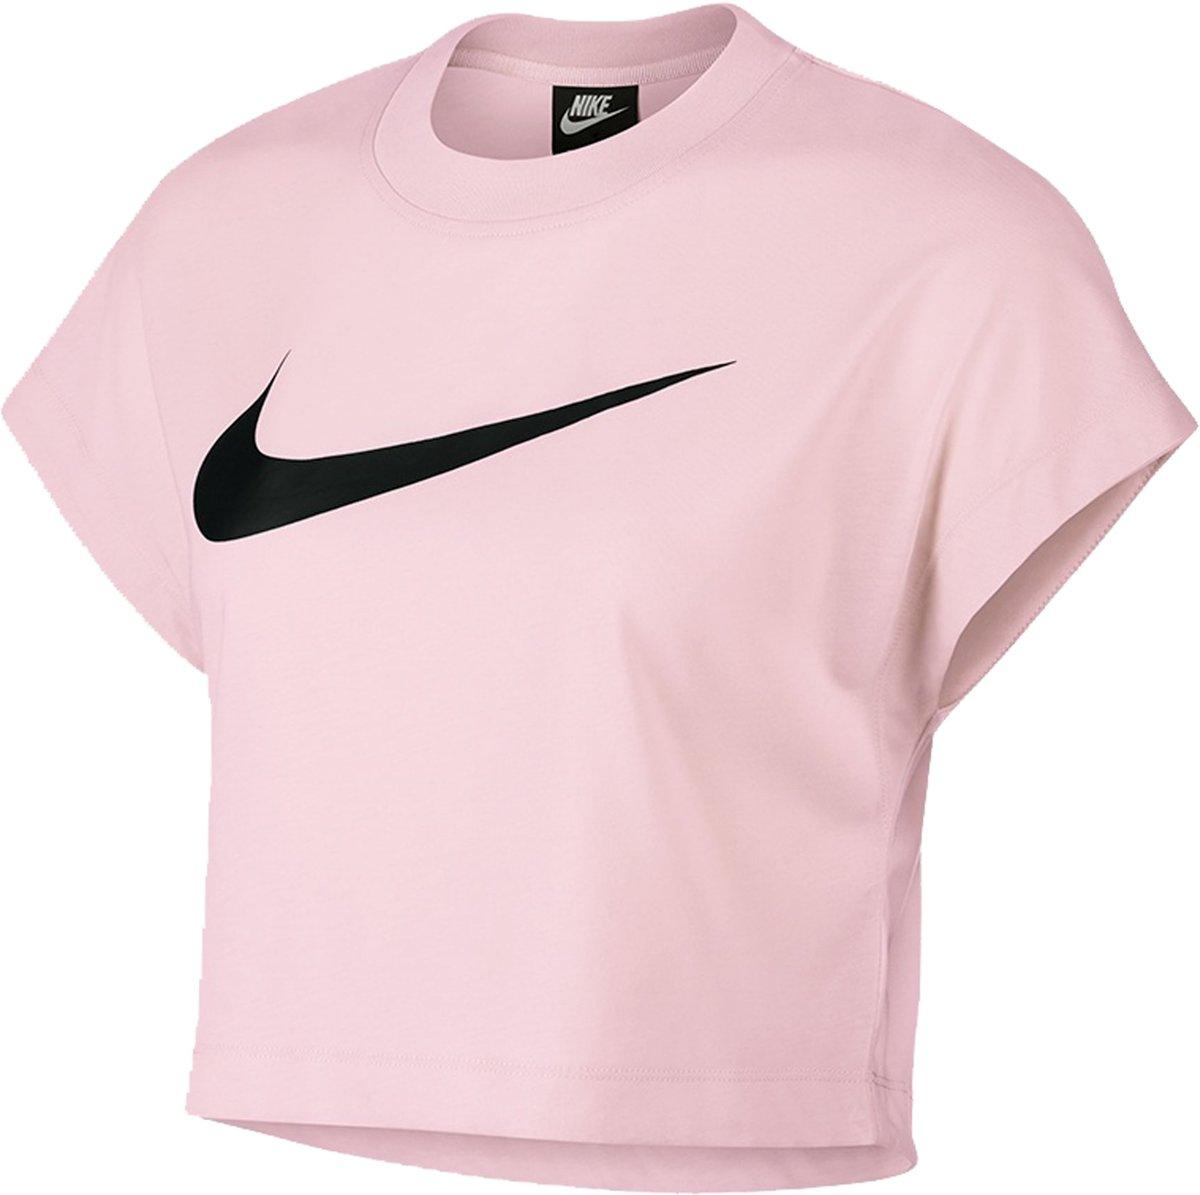 Nike Sportshirt - Maat M  - Vrouwen - roze/zwart kopen